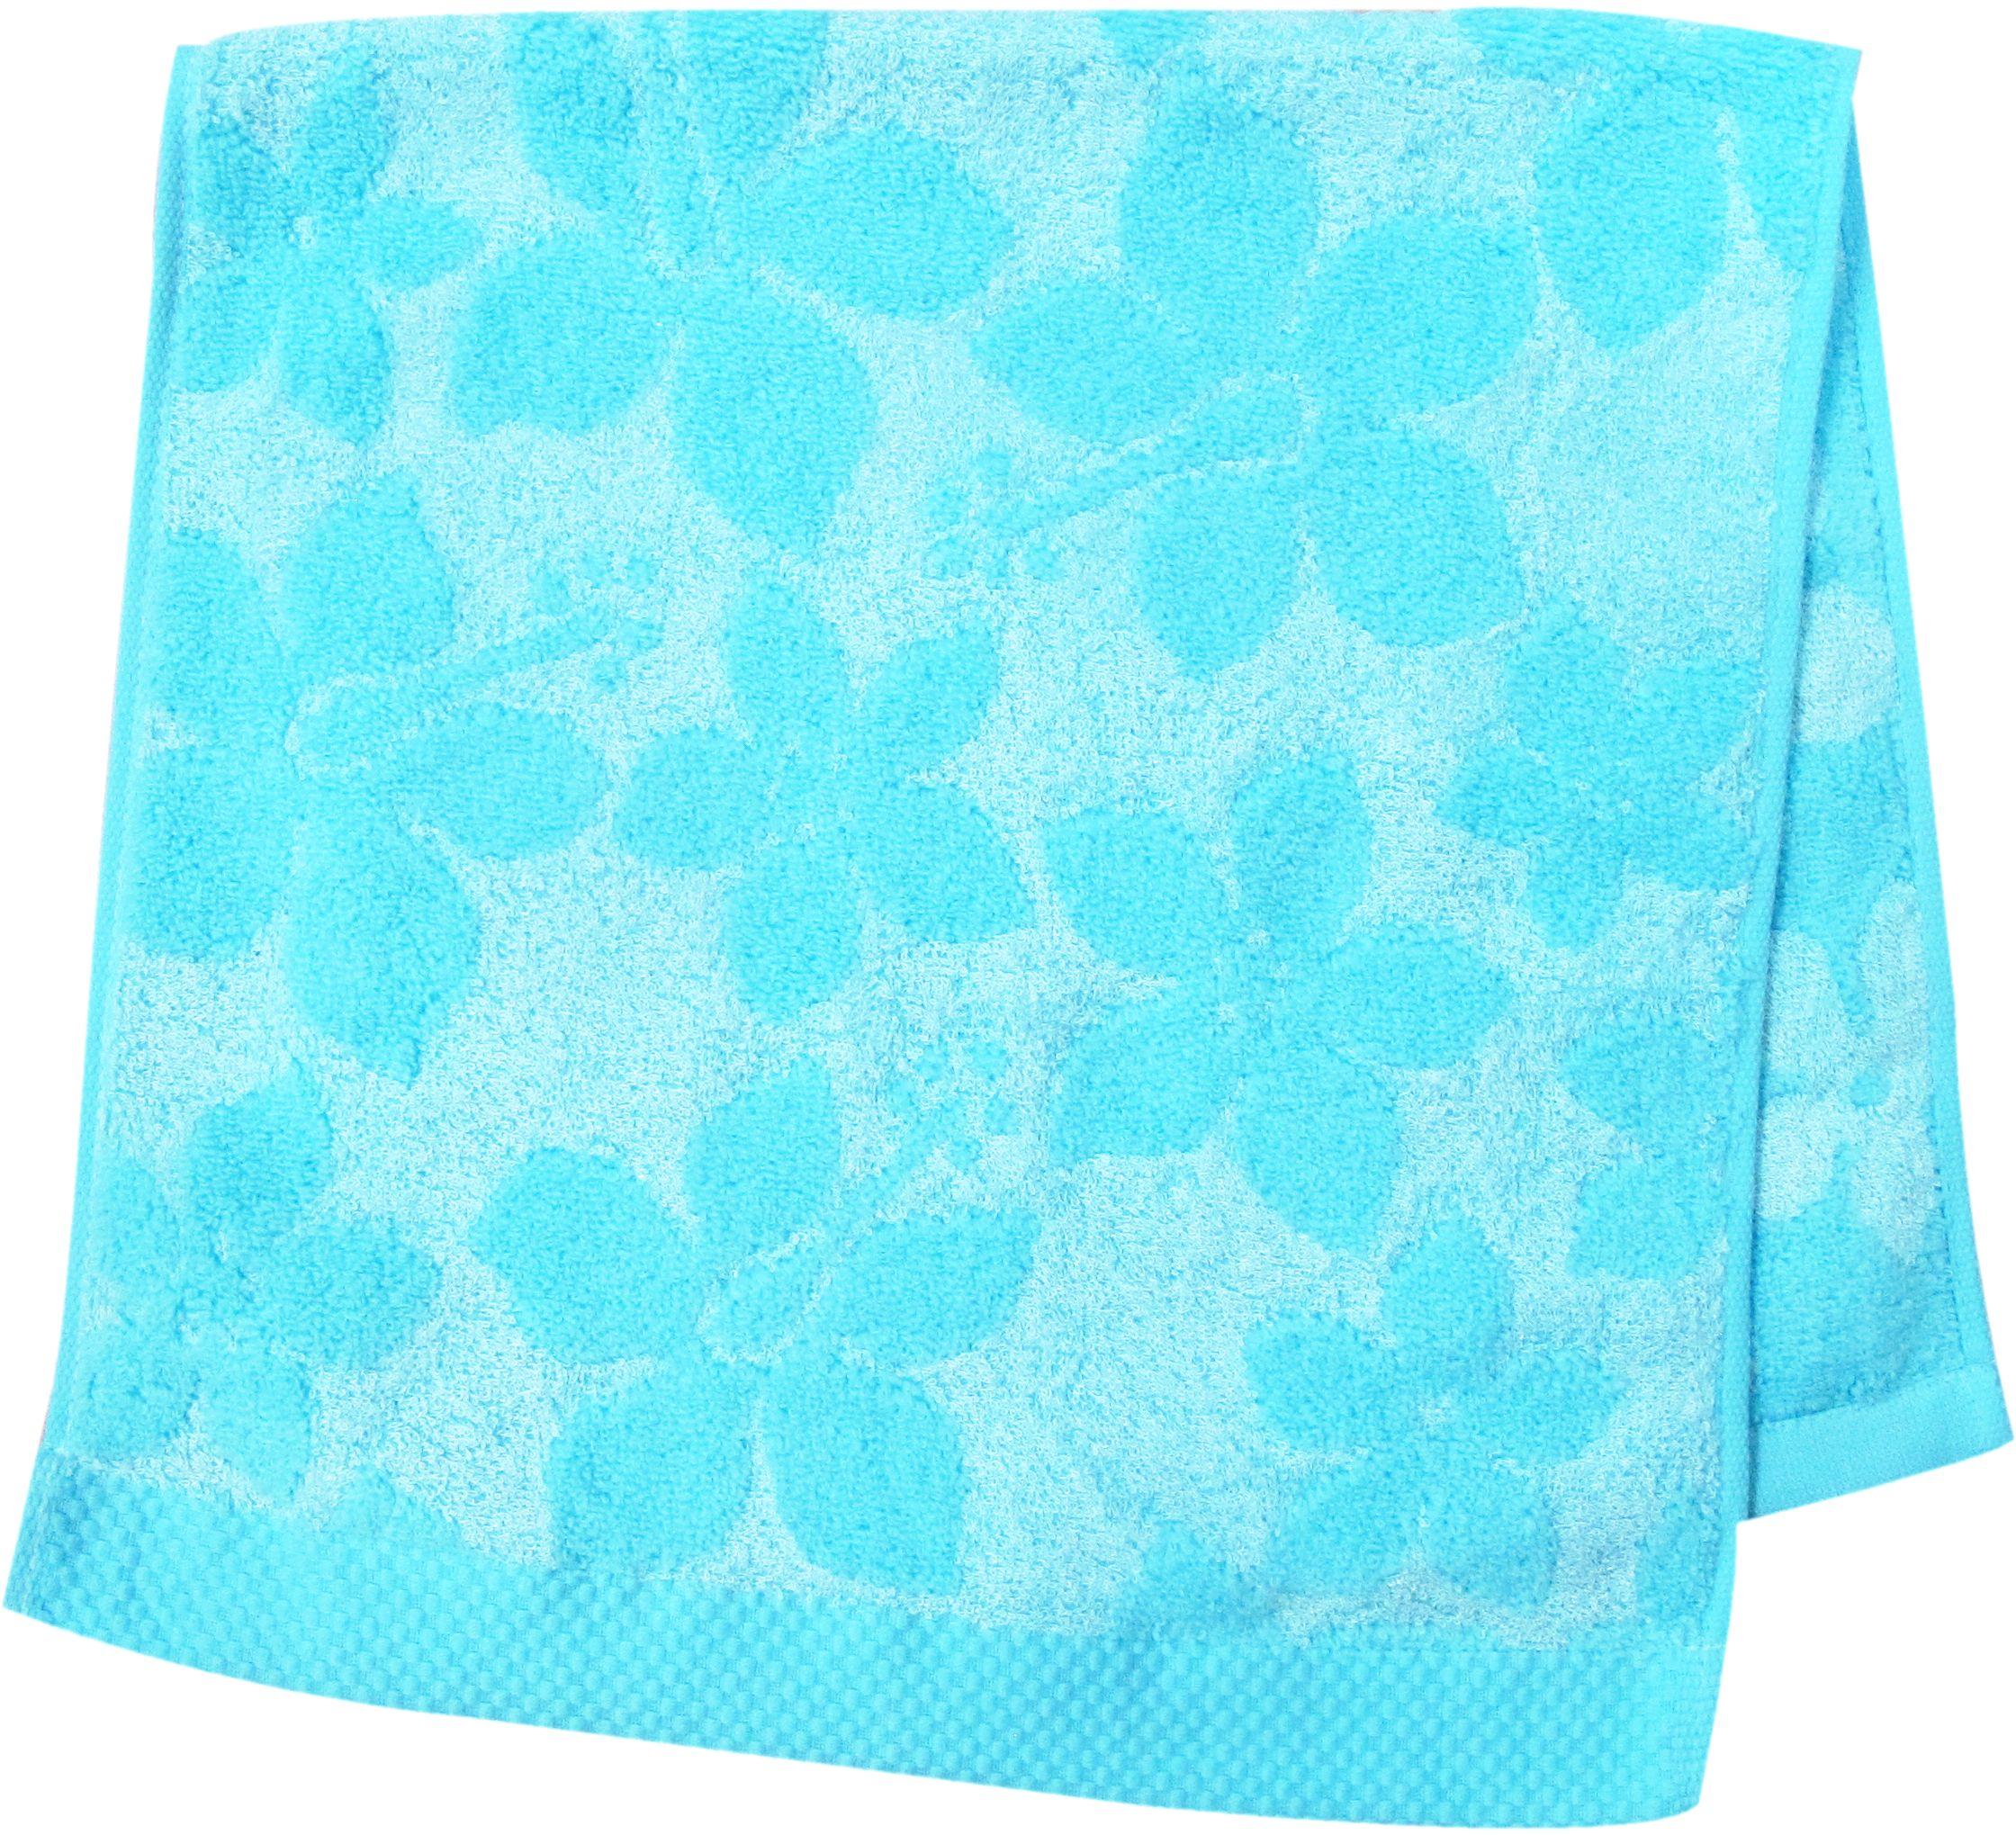 Полотенце махровое НВ Бьянка, цвет: синий, 33 х 70 см. м0741_0185862